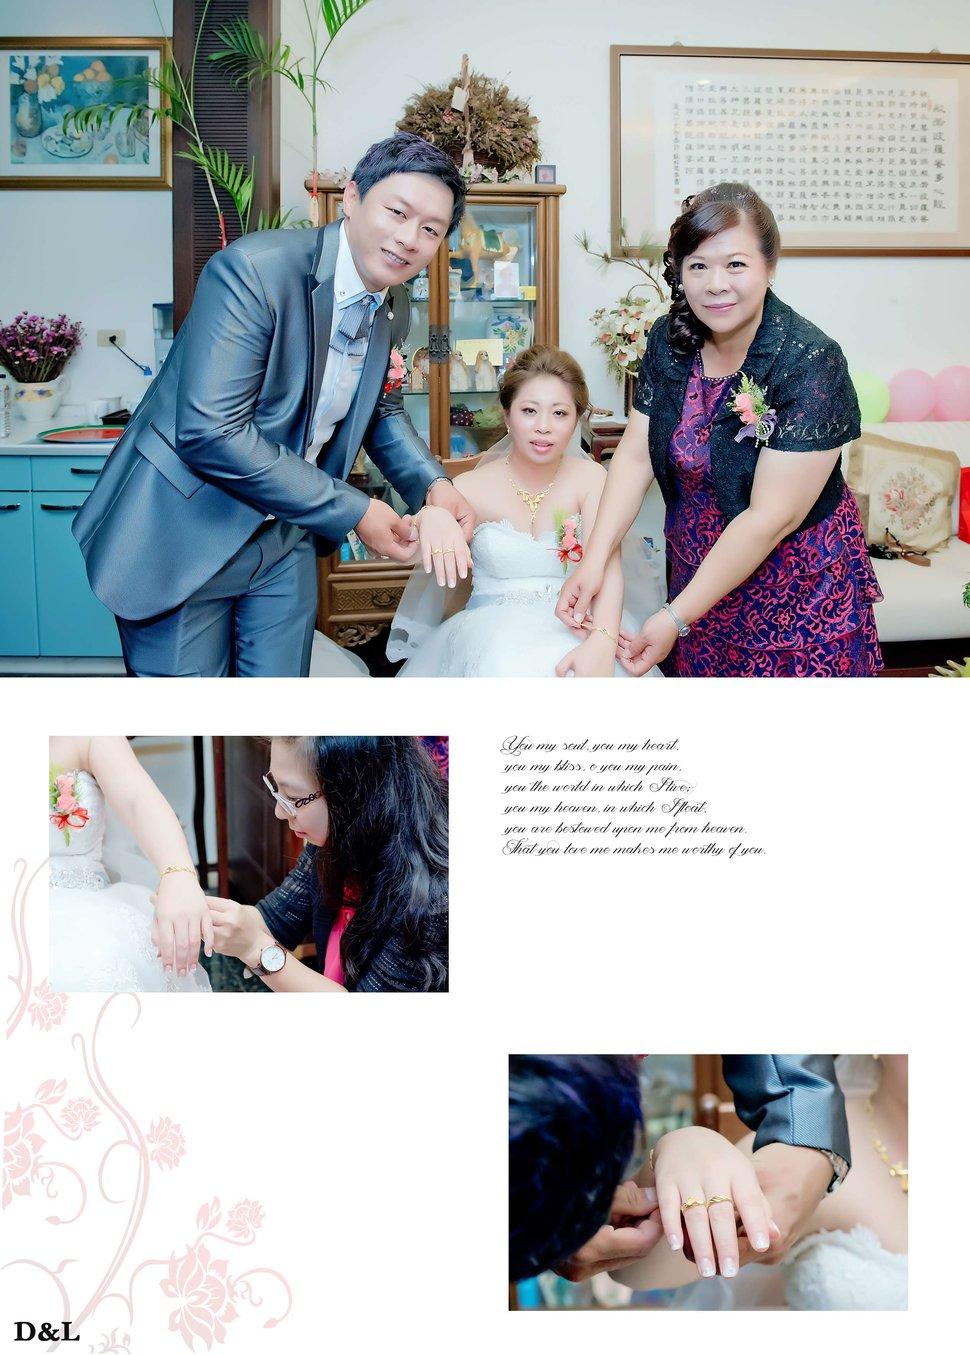 雲林婚攝 婚禮紀錄 敬添&綉芬 喜洋洋宴會廳雲林(編號:253228) - D&L 婚禮事務-婚紗攝影/婚禮記錄 - 結婚吧